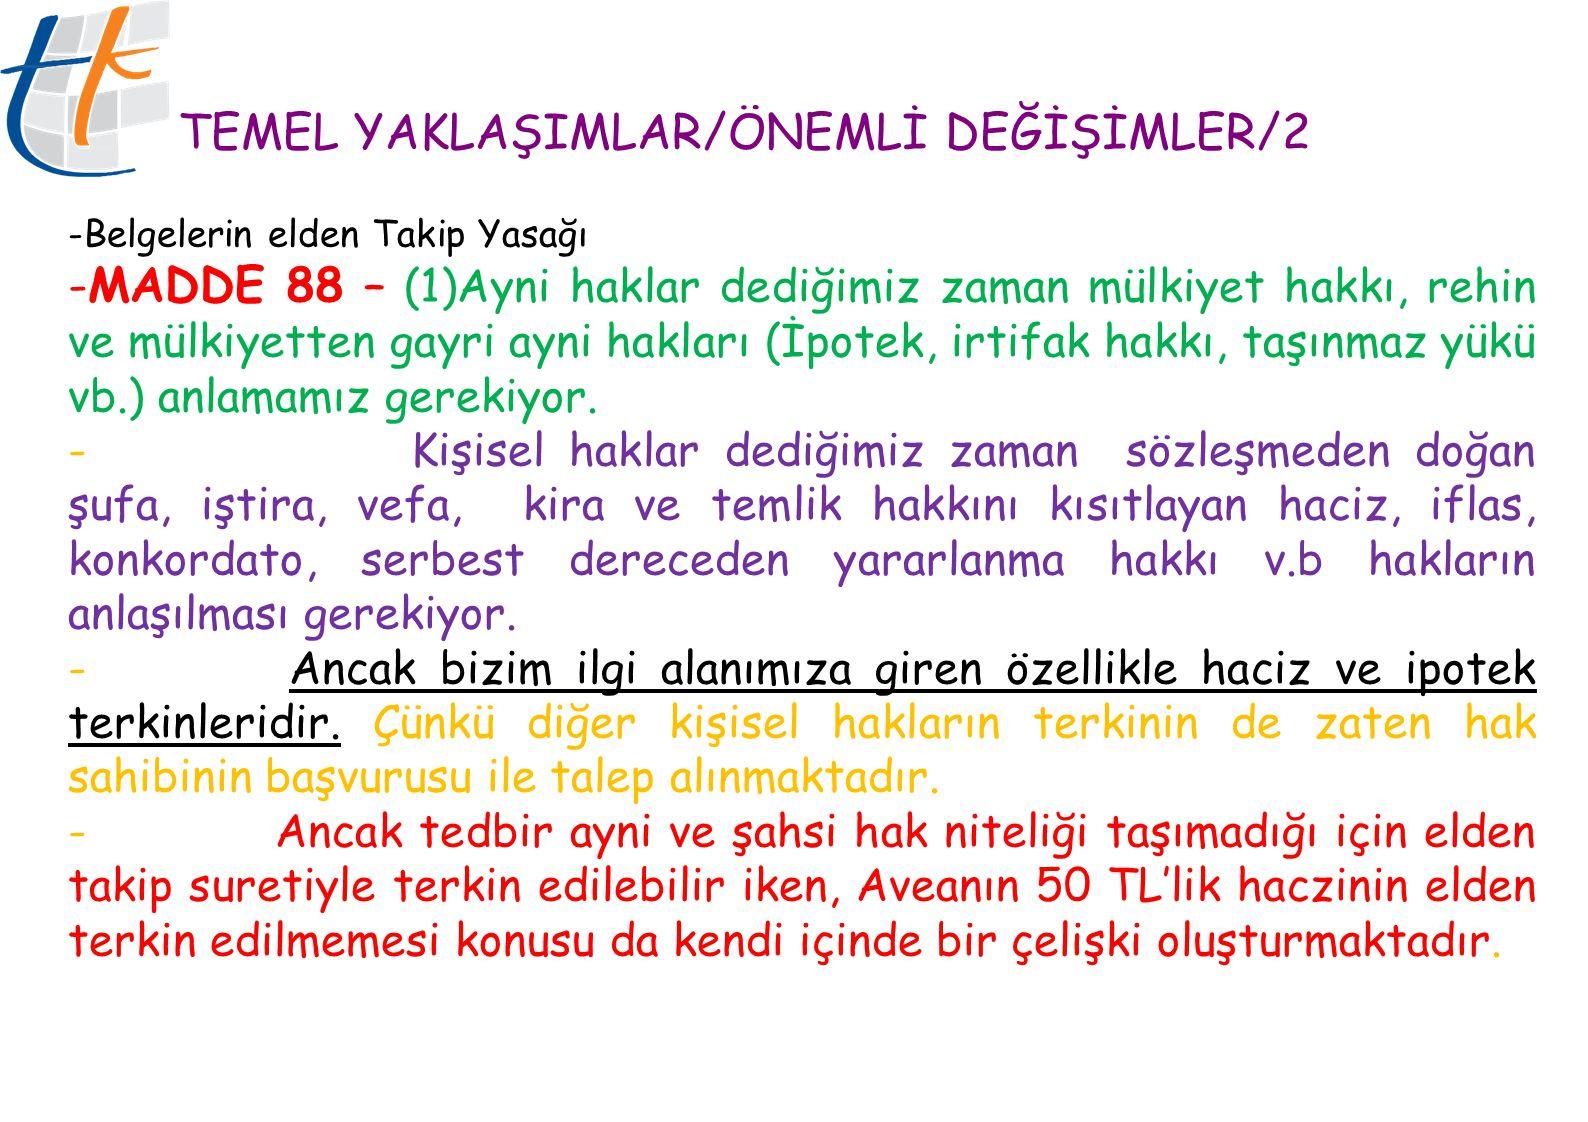 TEMEL YAKLAŞIMLAR/ÖNEMLİ DEĞİŞİMLER/3 Elden Takip Yasağı PTT Genel Müdürlüğü ile yapılan görüşmelerde son aşamaya gelinmiştir.